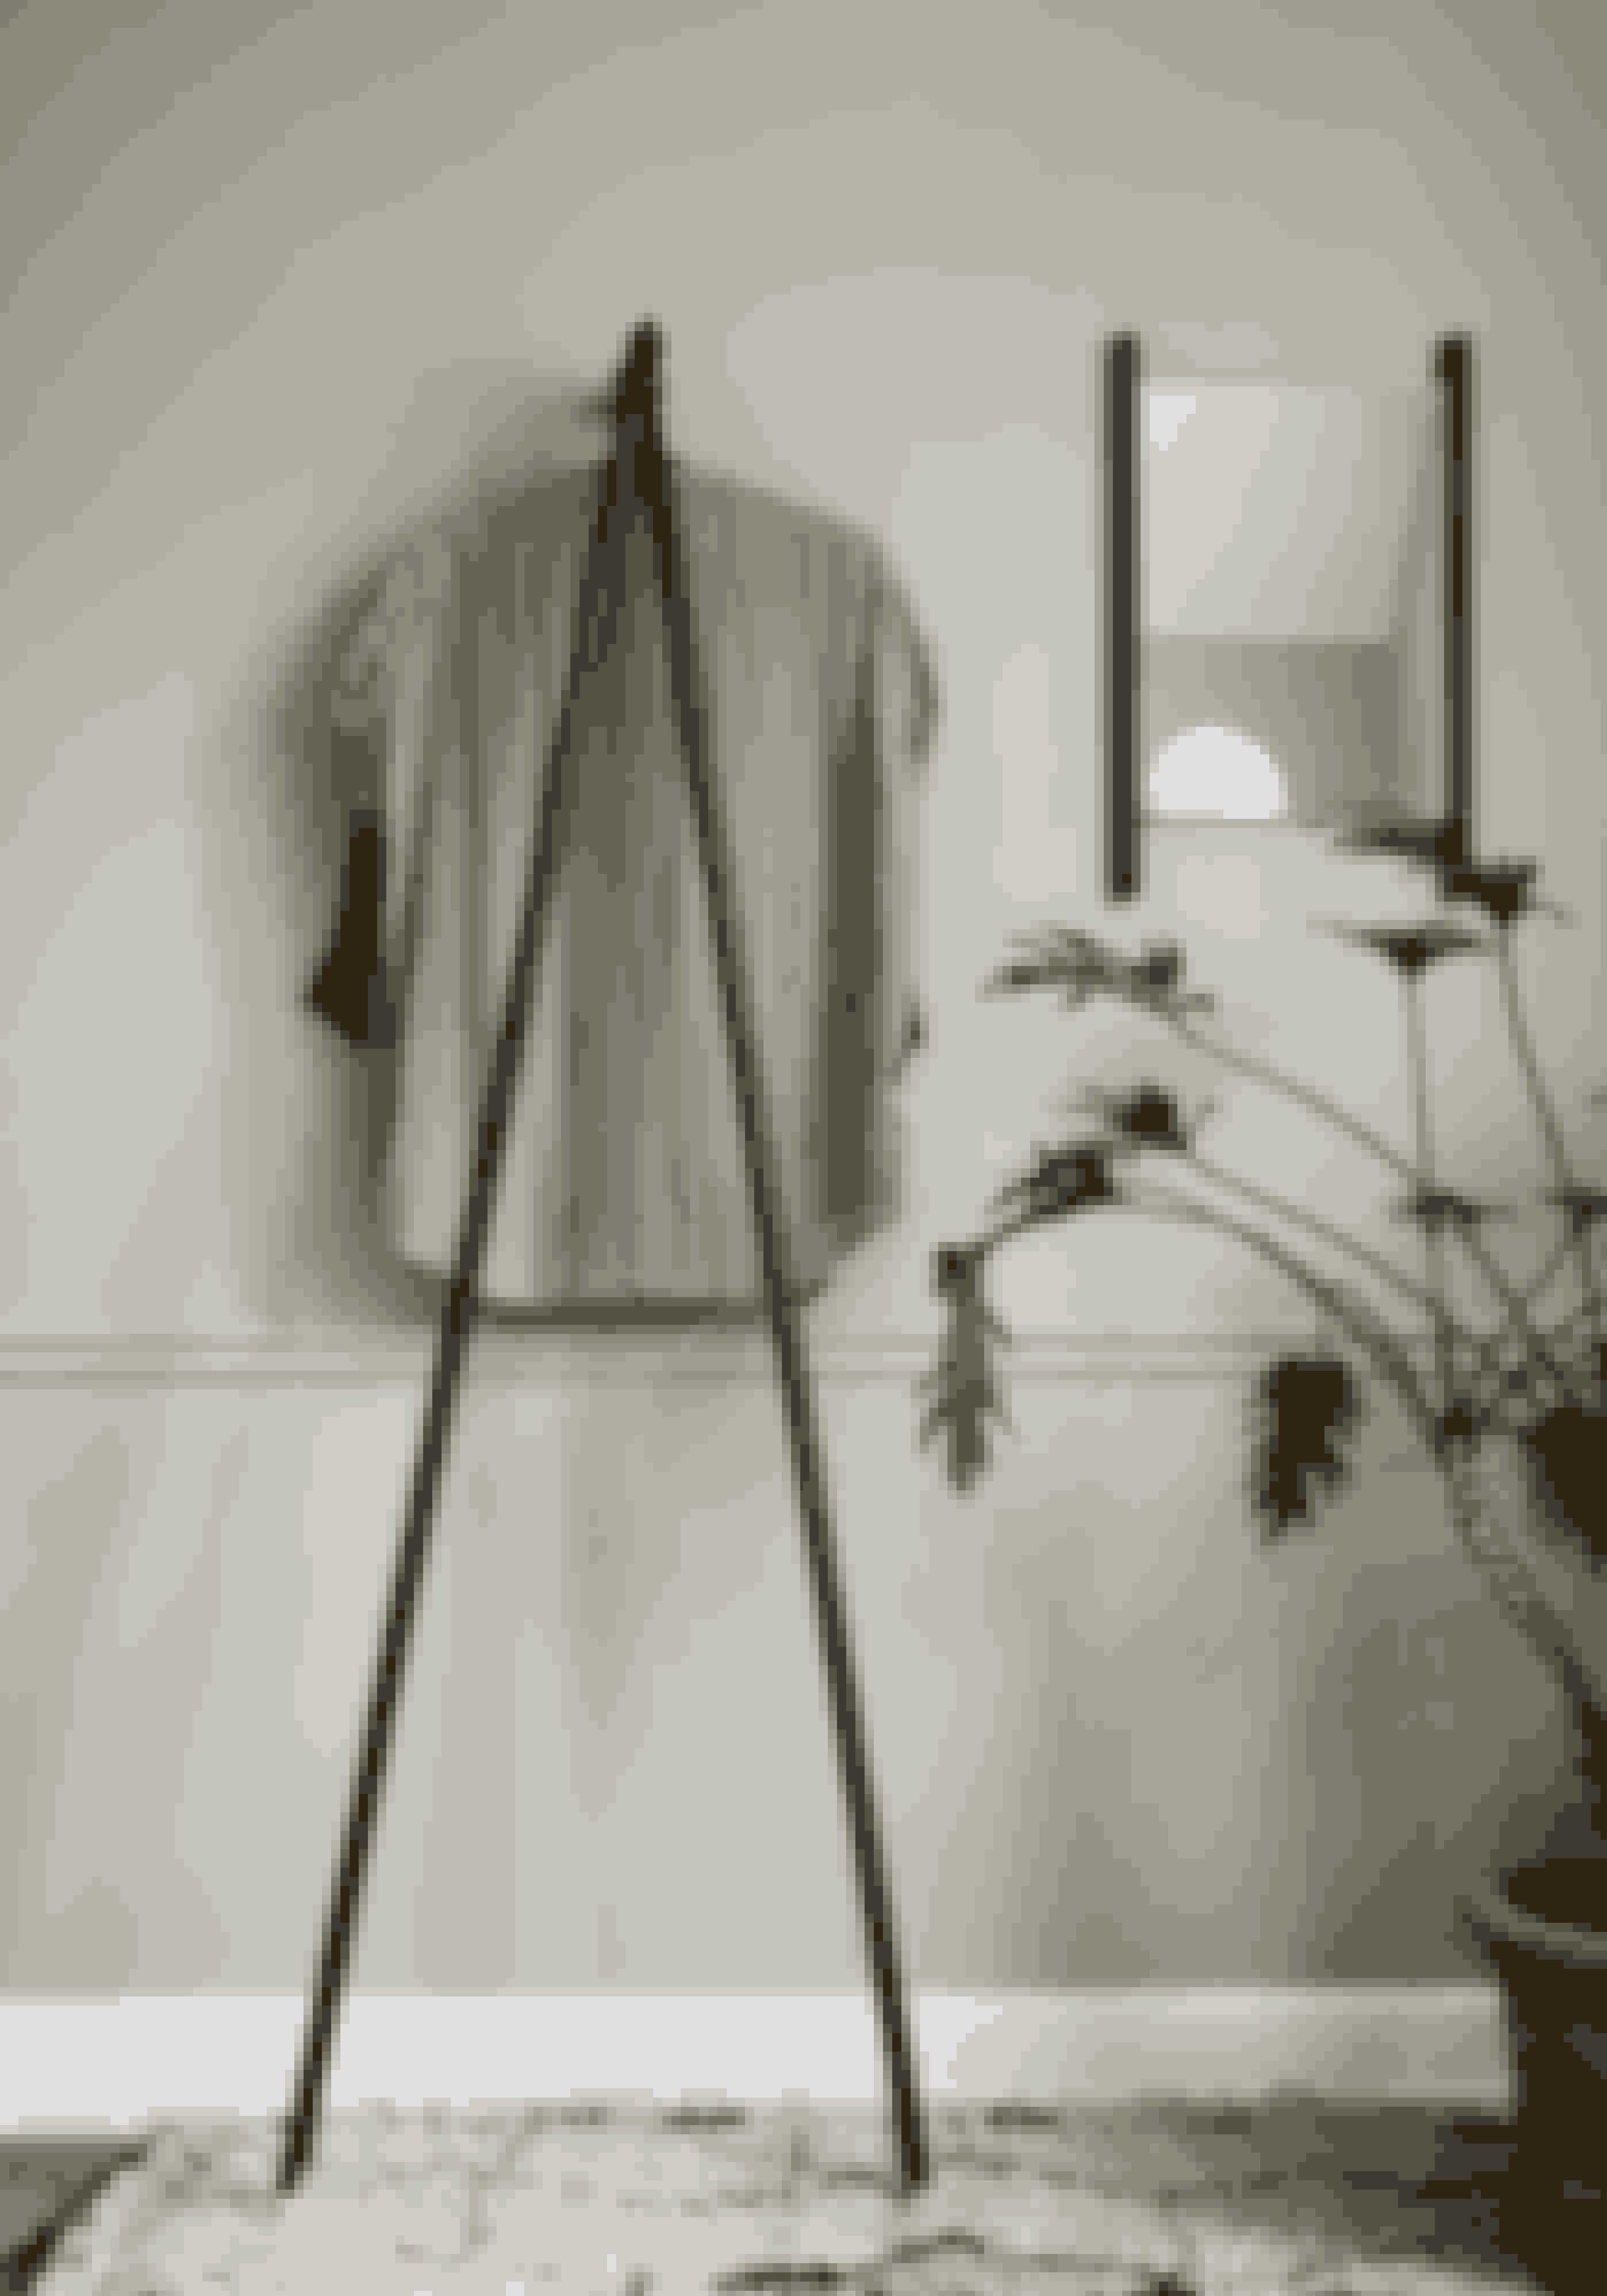 Georg, tøjstativ i sortmalet egetræ designet af Chris Liljenberg Halstrøm. H 170 x B 54 x D 39 cm, 1.595 kr. (Skagerak).Kan købes online HER